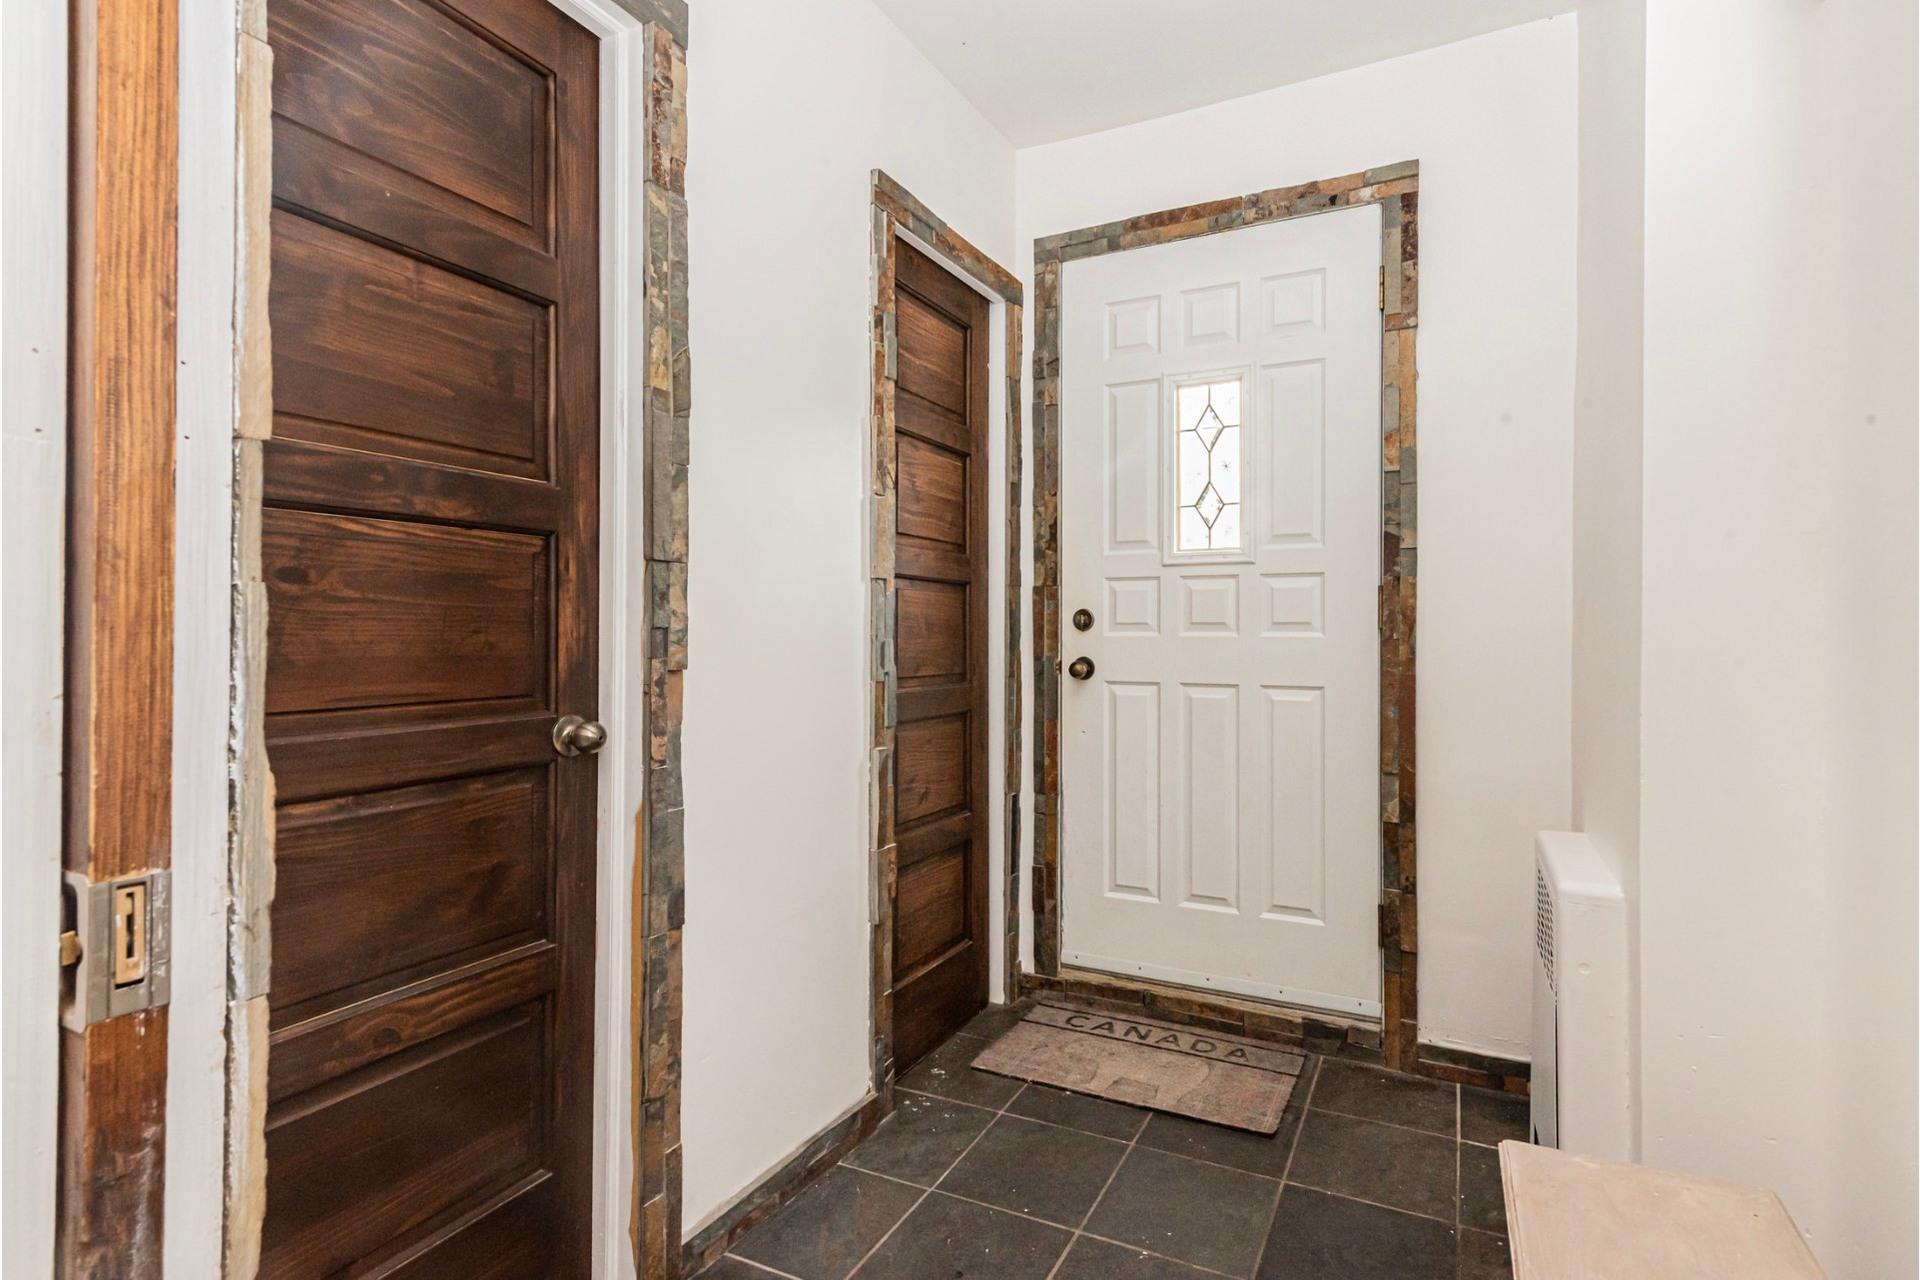 image 5 - House For sale Lachine Montréal  - 12 rooms